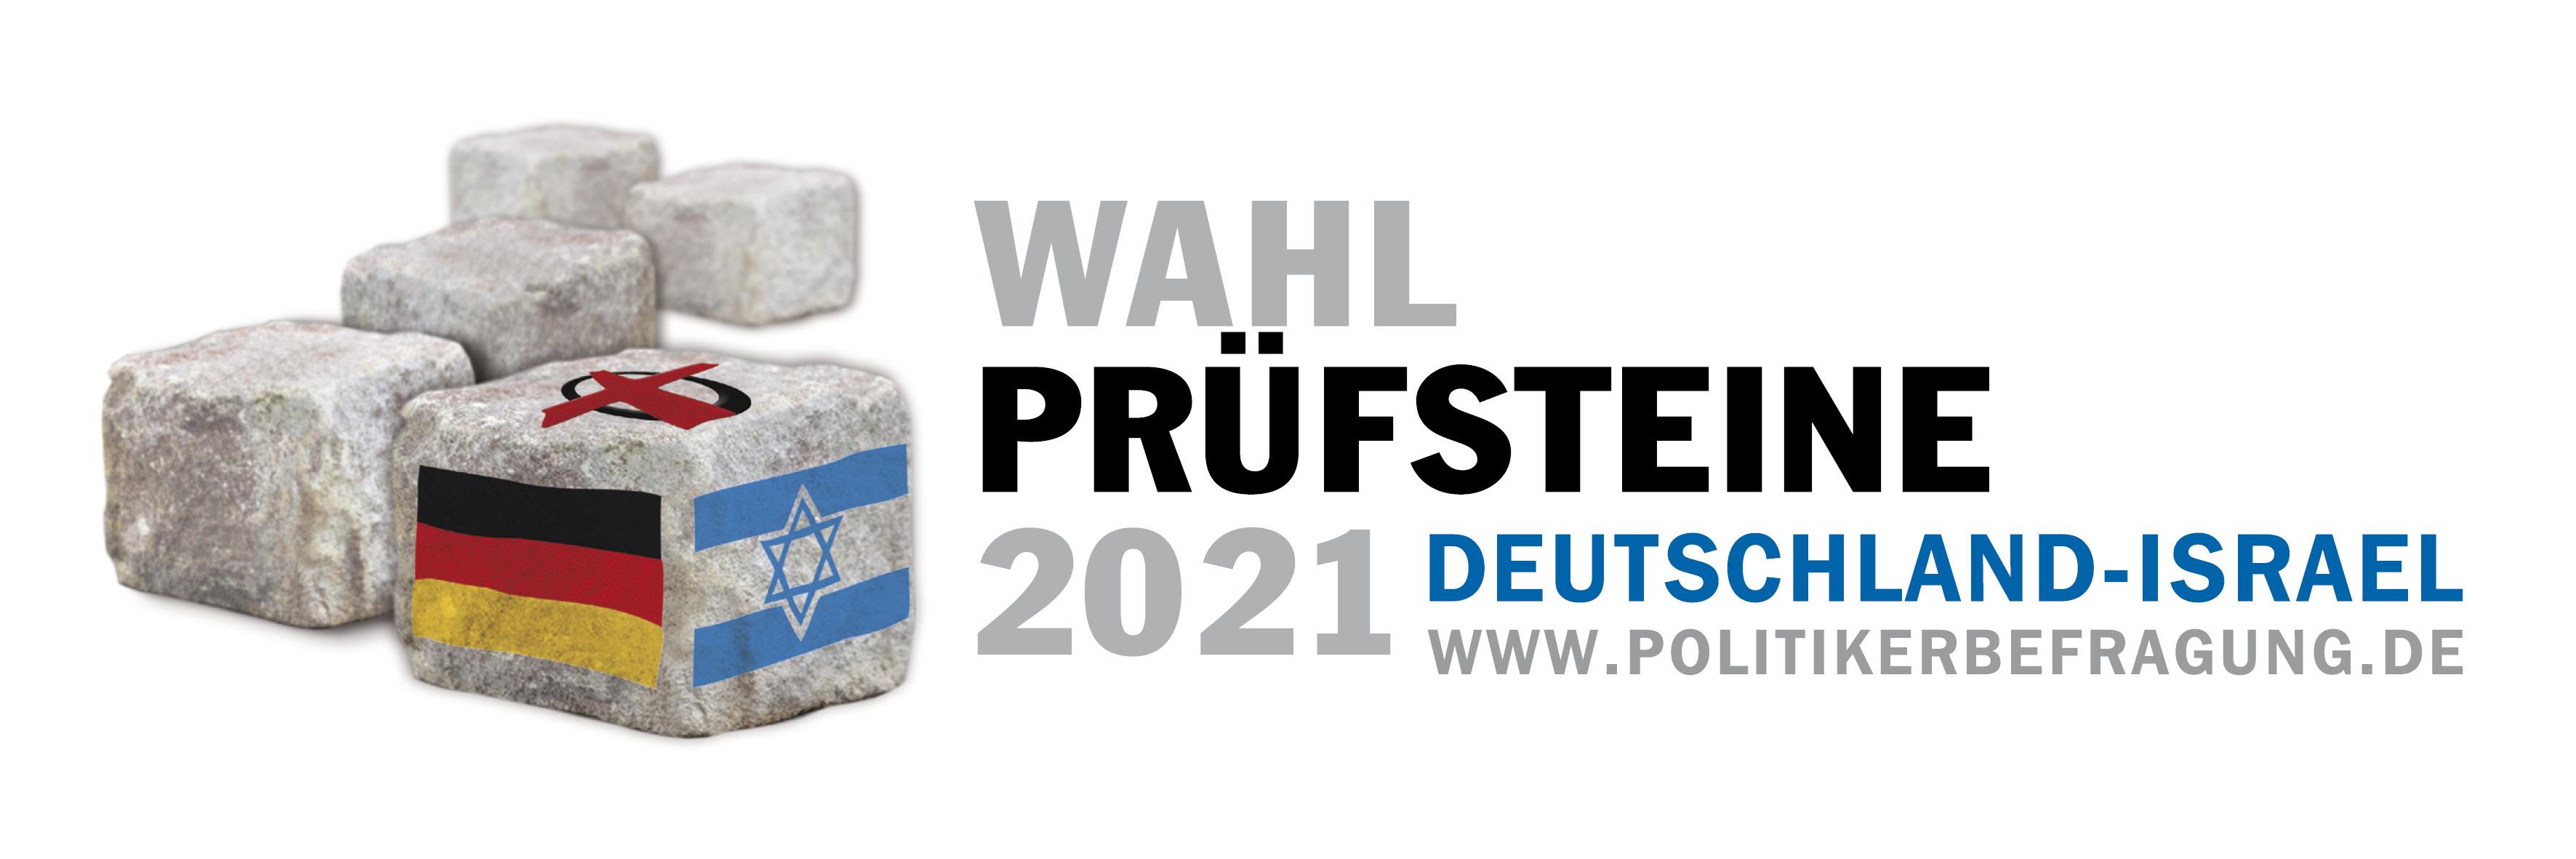 Politikerbefragung.de